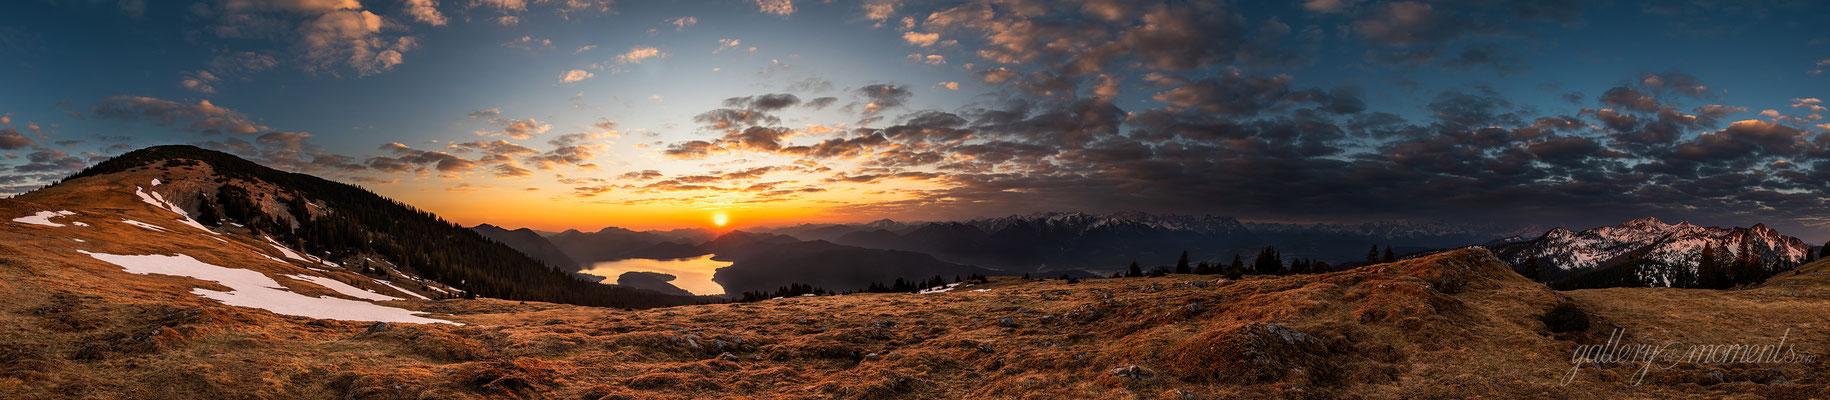 Sonnenaufgang über dem Walchensee, Blick vom Simetsberg / Deutschland (Bildnummer 11128888)